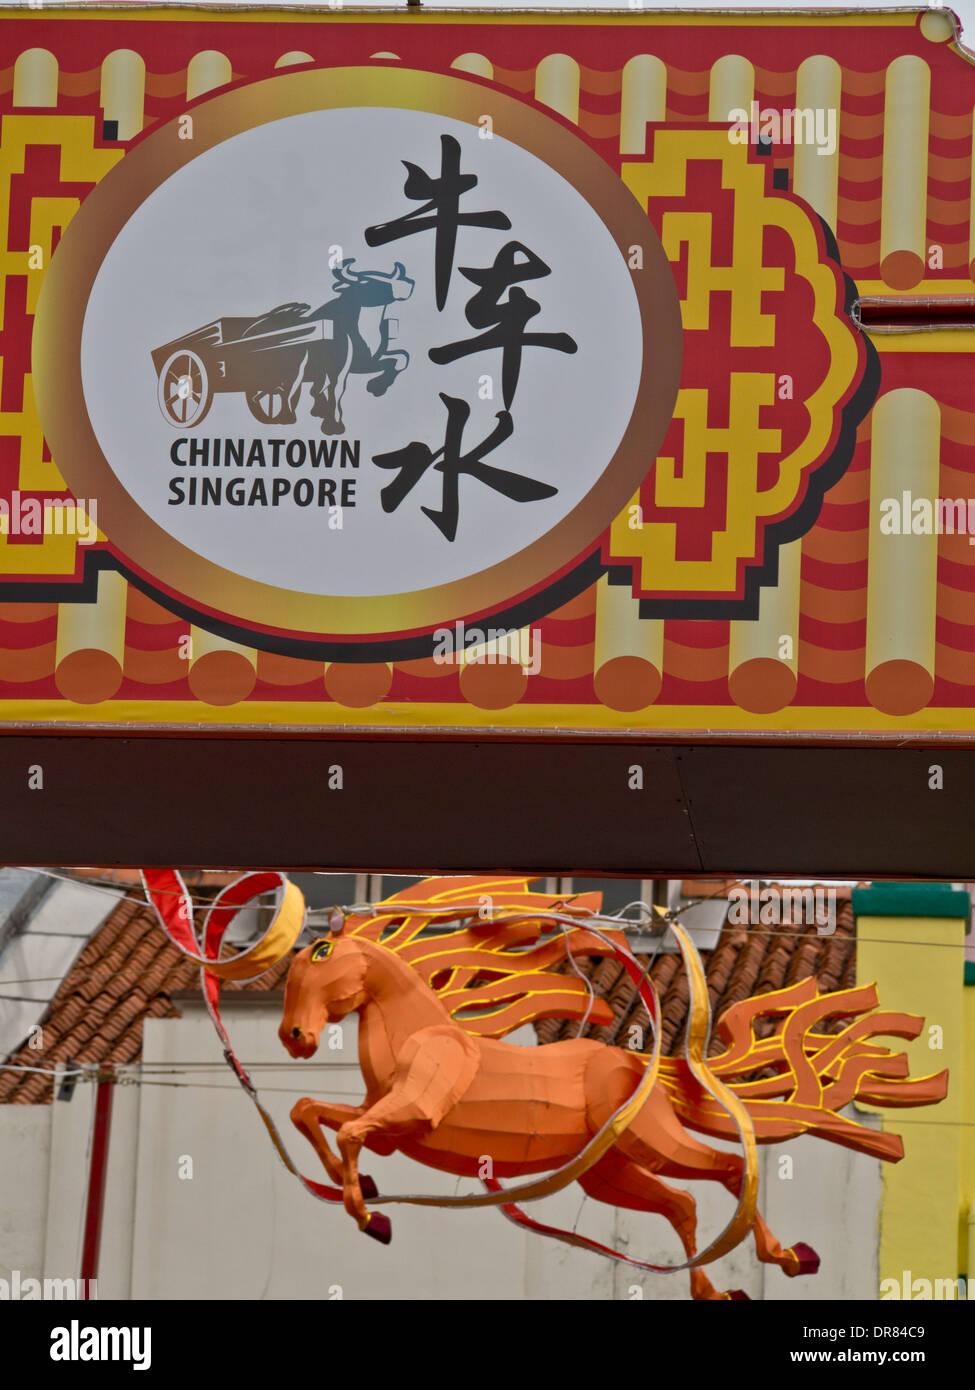 Le Nouvel An chinois et ornements des bannières pour l'année du cheval dans Chinatown, Singapour Photo Stock